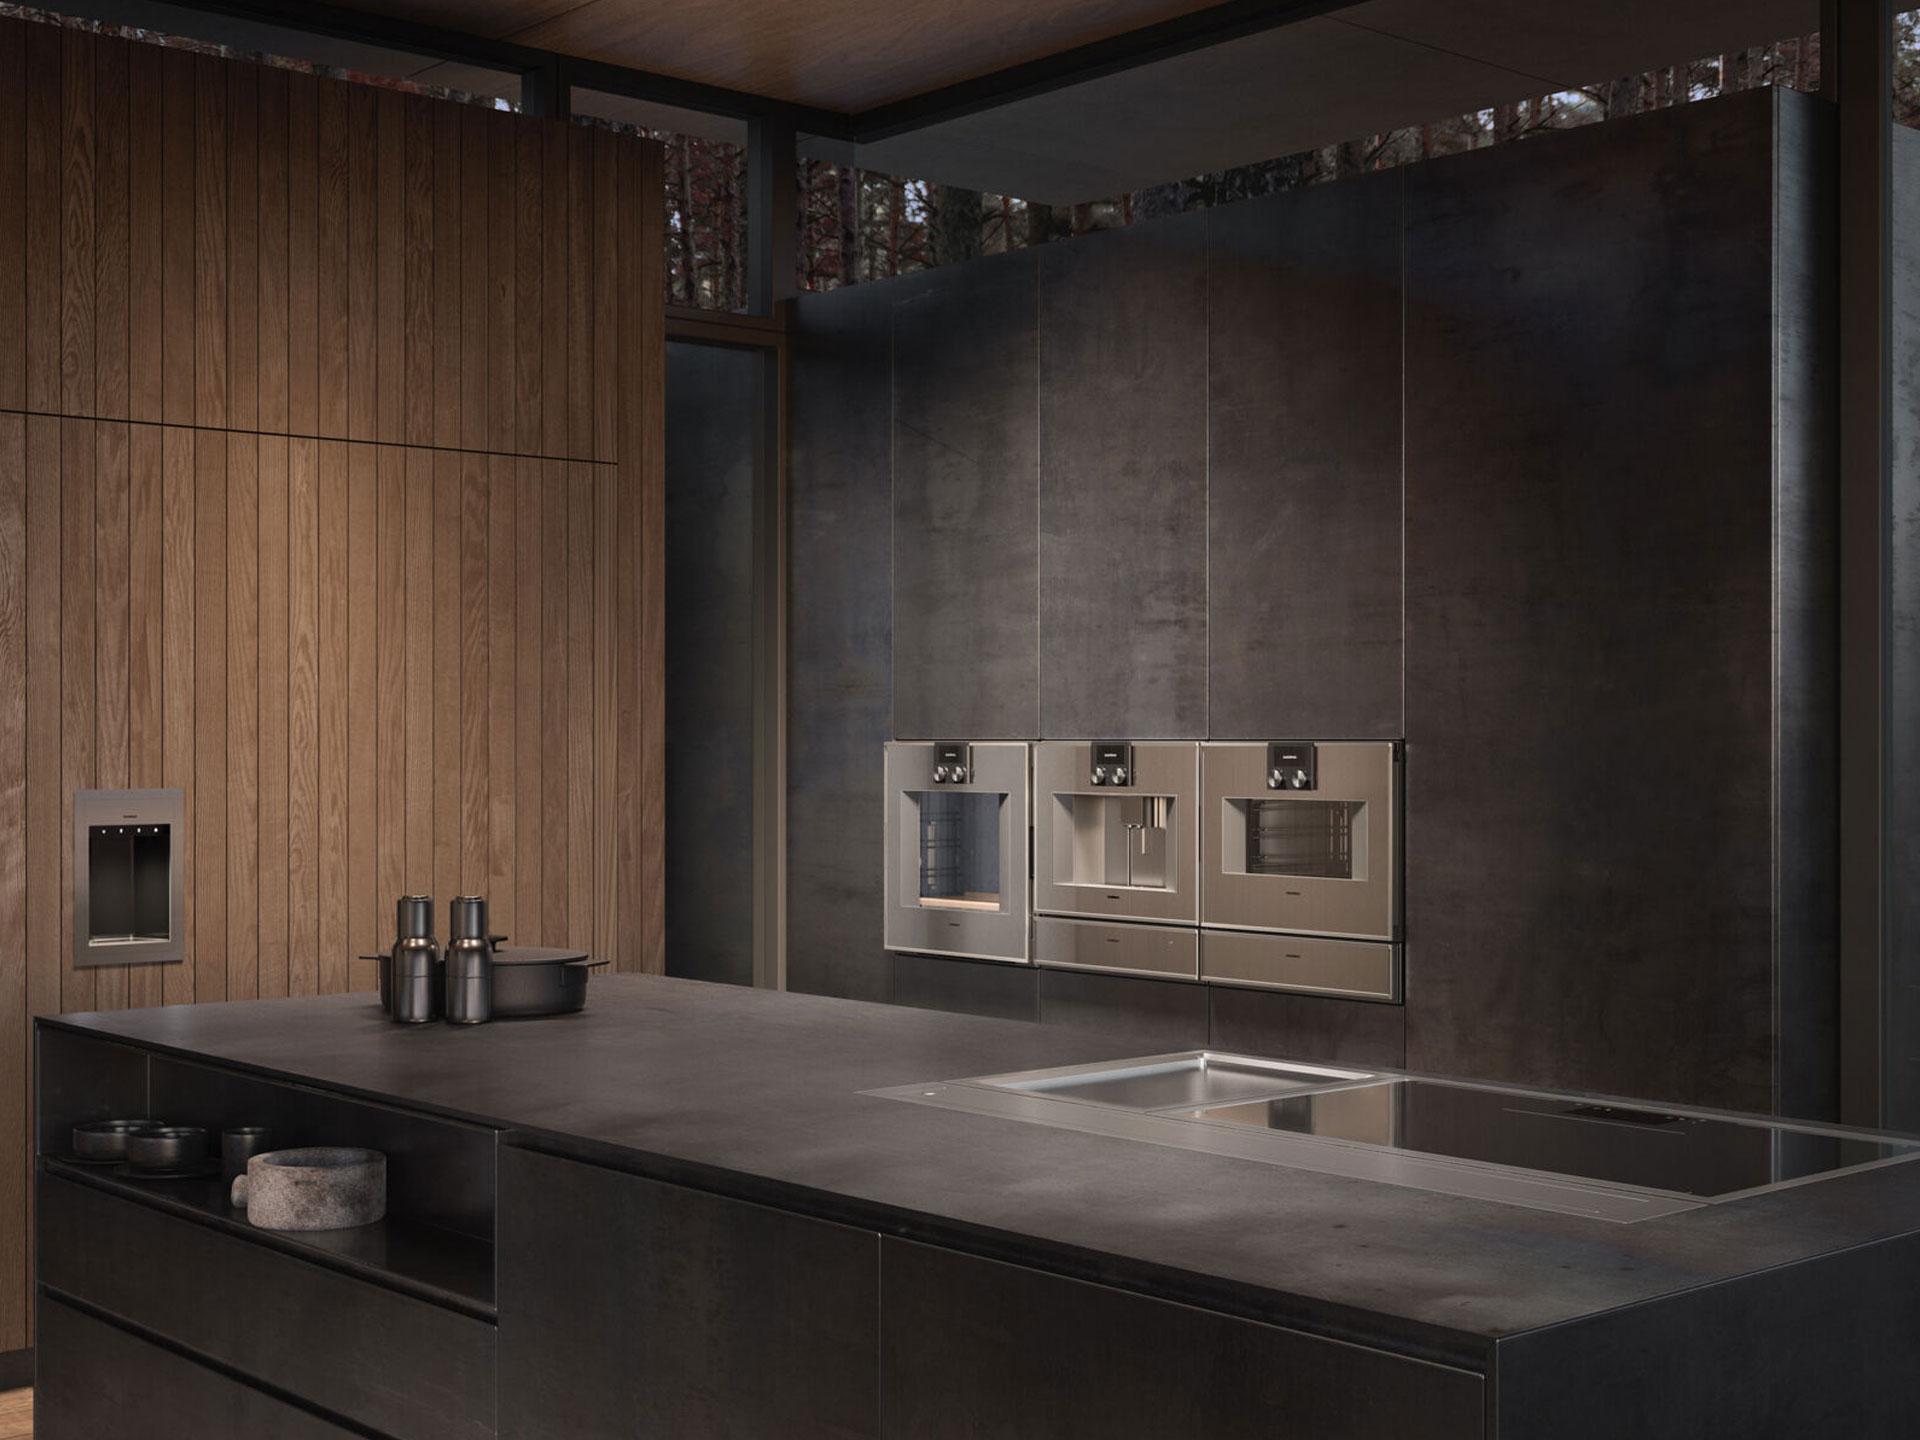 Drei Gaggenau Küchengeräte in Musterküche verbaut